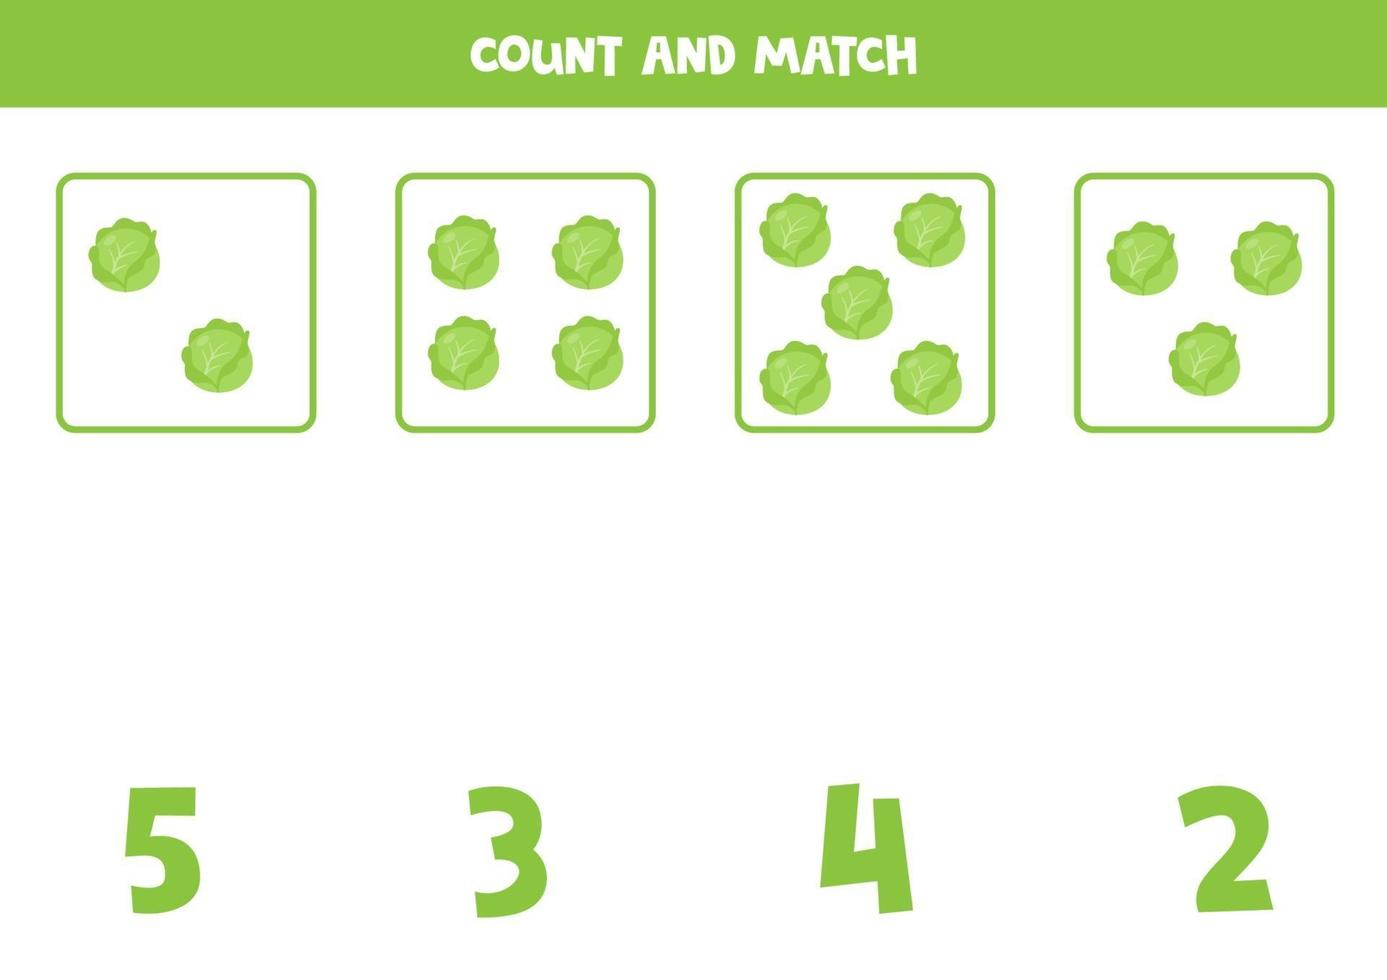 conteggio del gioco per bambini. gioco di matematica con cavoli dei cartoni animati. vettore